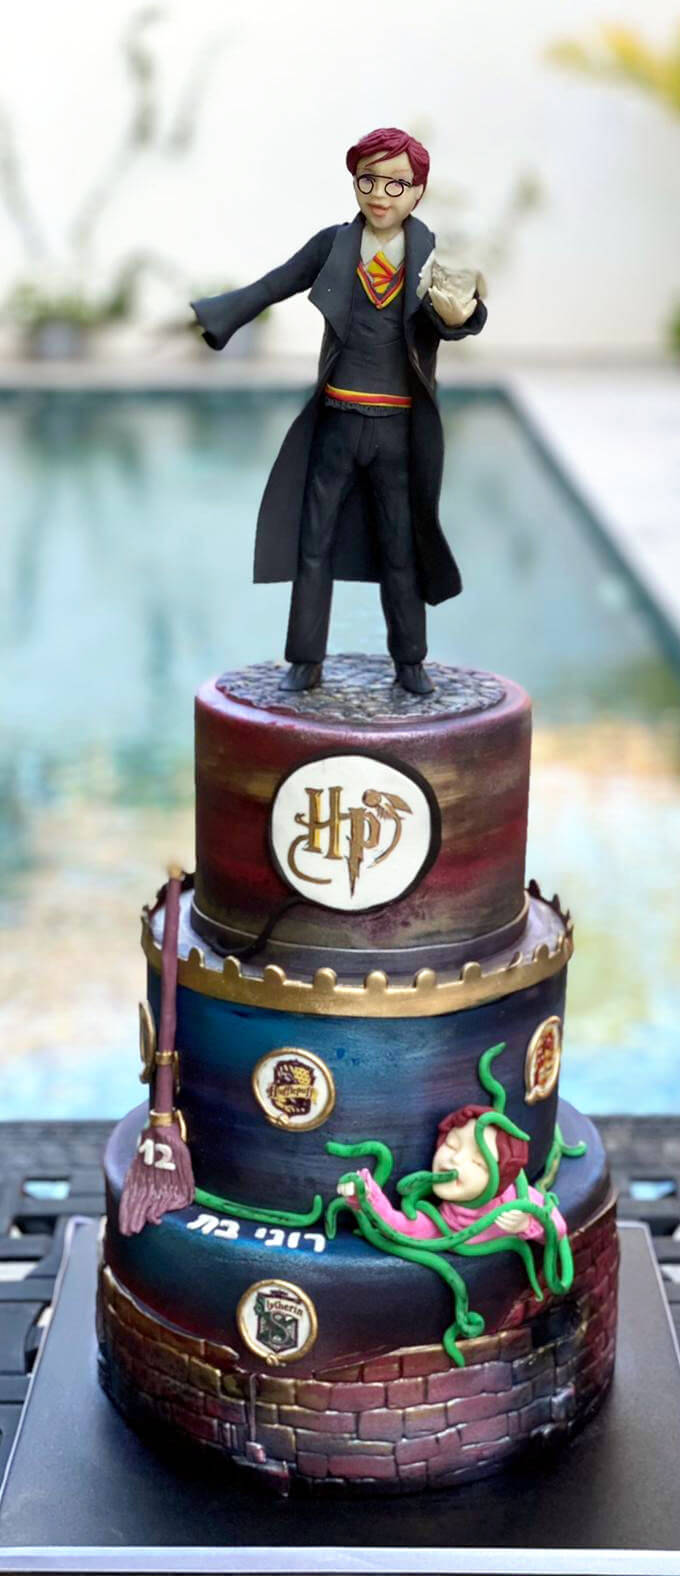 עוגת יום הולדת של הארי פוטר